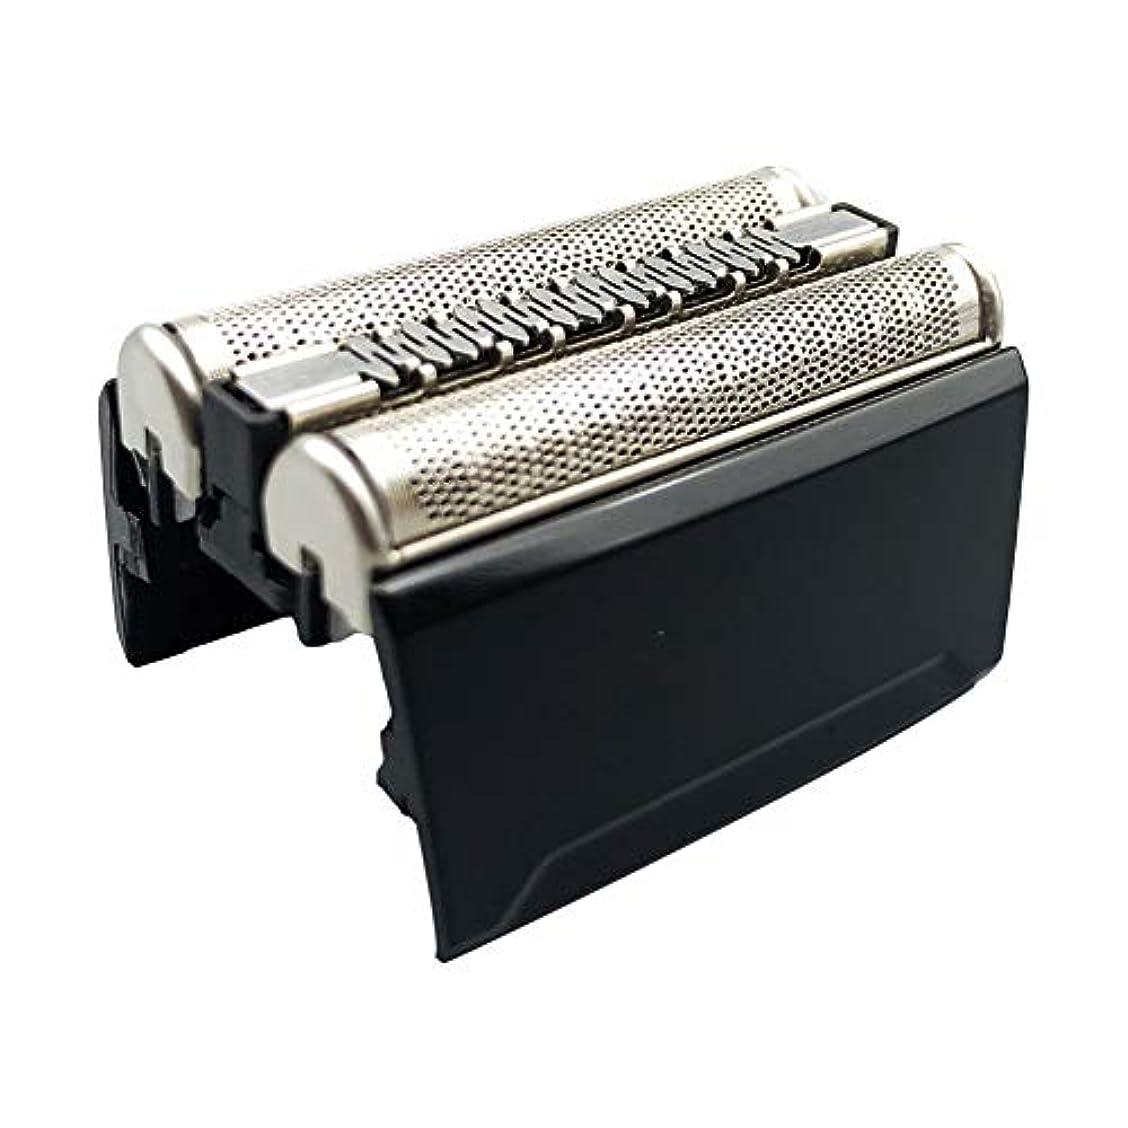 哲学的発音する賢いシェーバー替刃 シェーバー交換部品 電気シェーバー交換ヘッド 交換カッターヘッド カミソリアクセサリー for Braun 5/7 series (Braun5シリーズ用)